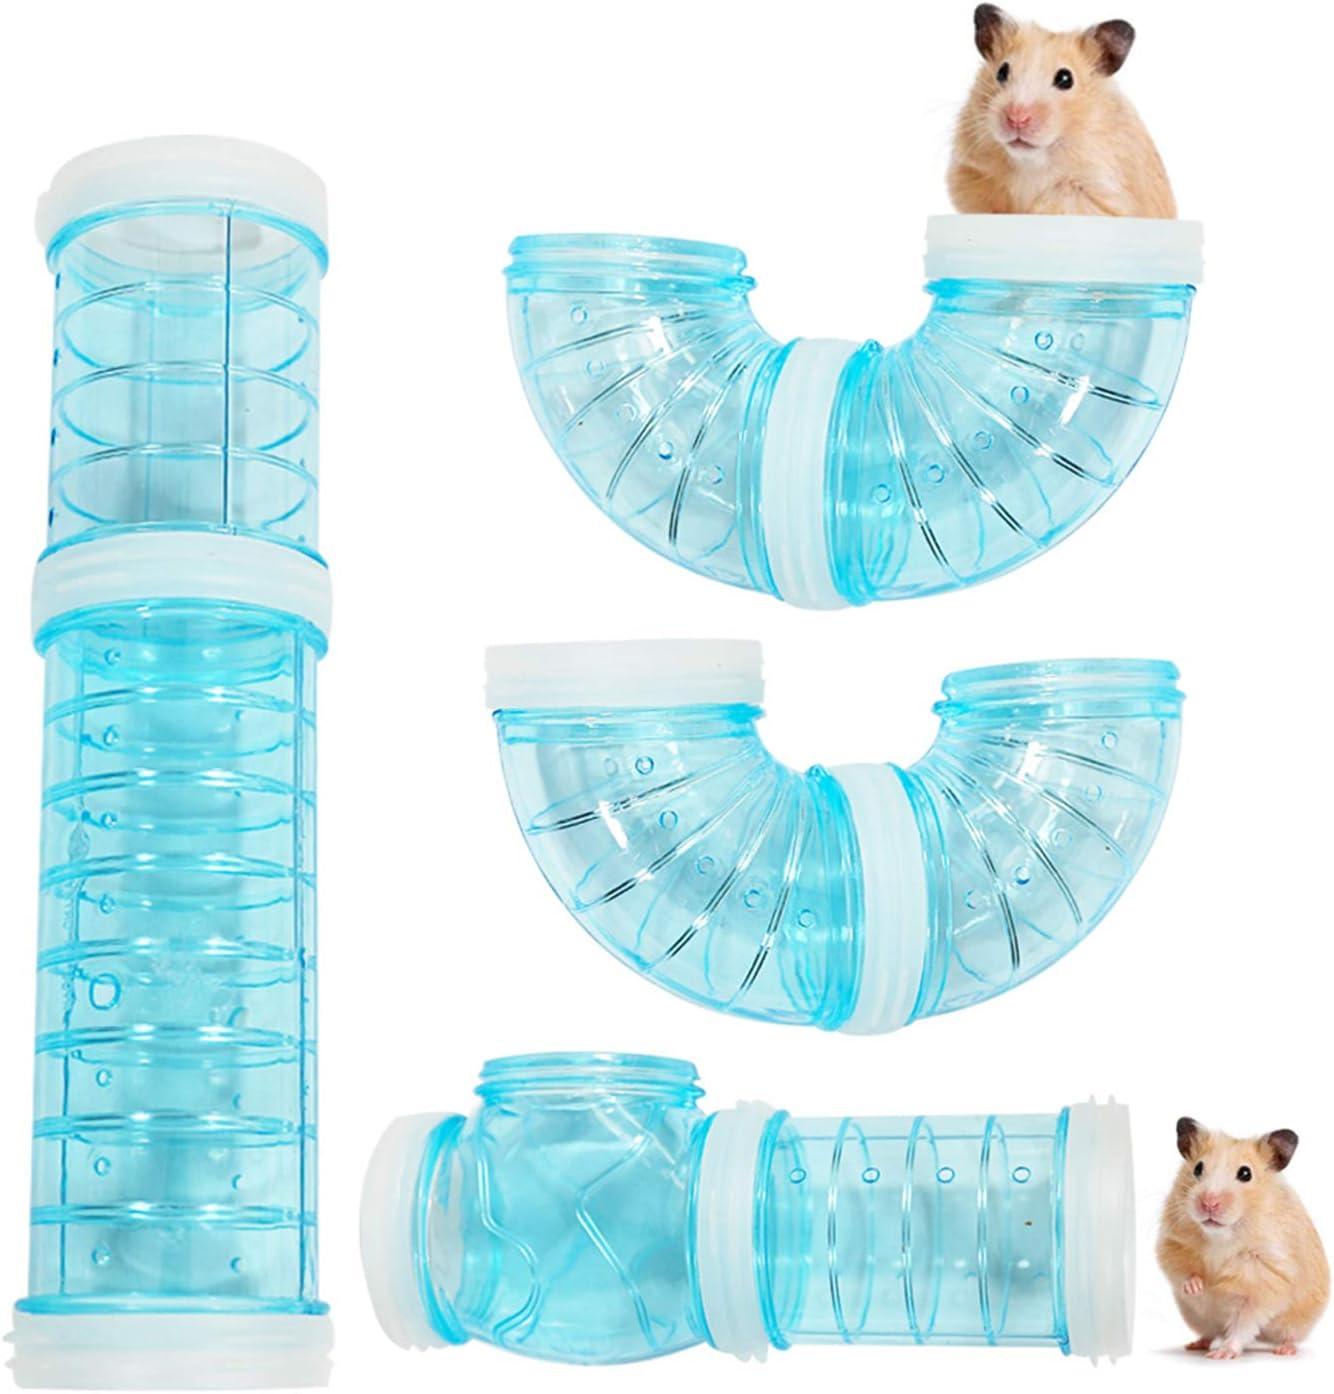 WishLotus - Juego de tubos para hámster de aventura, material transparente, jaula de hámster y accesorios, juguetes para ampliar el espacio, bricolaje, conexión creativa, túnel de rata(azul)